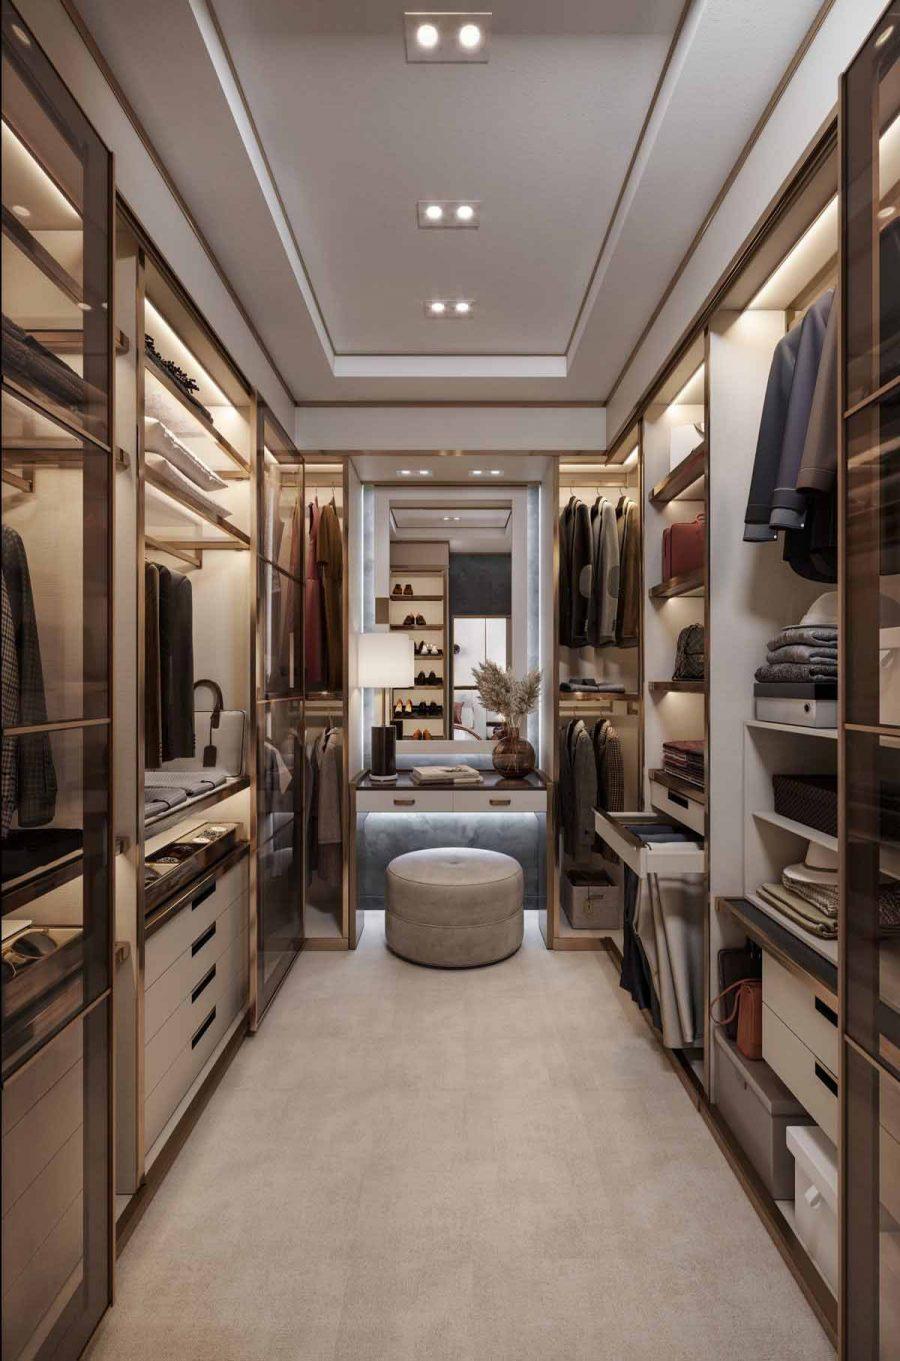 Bàn trang điểm được đặt gương ở cuối phòng hẹp sẽ giúp không gian trông rộng hơn